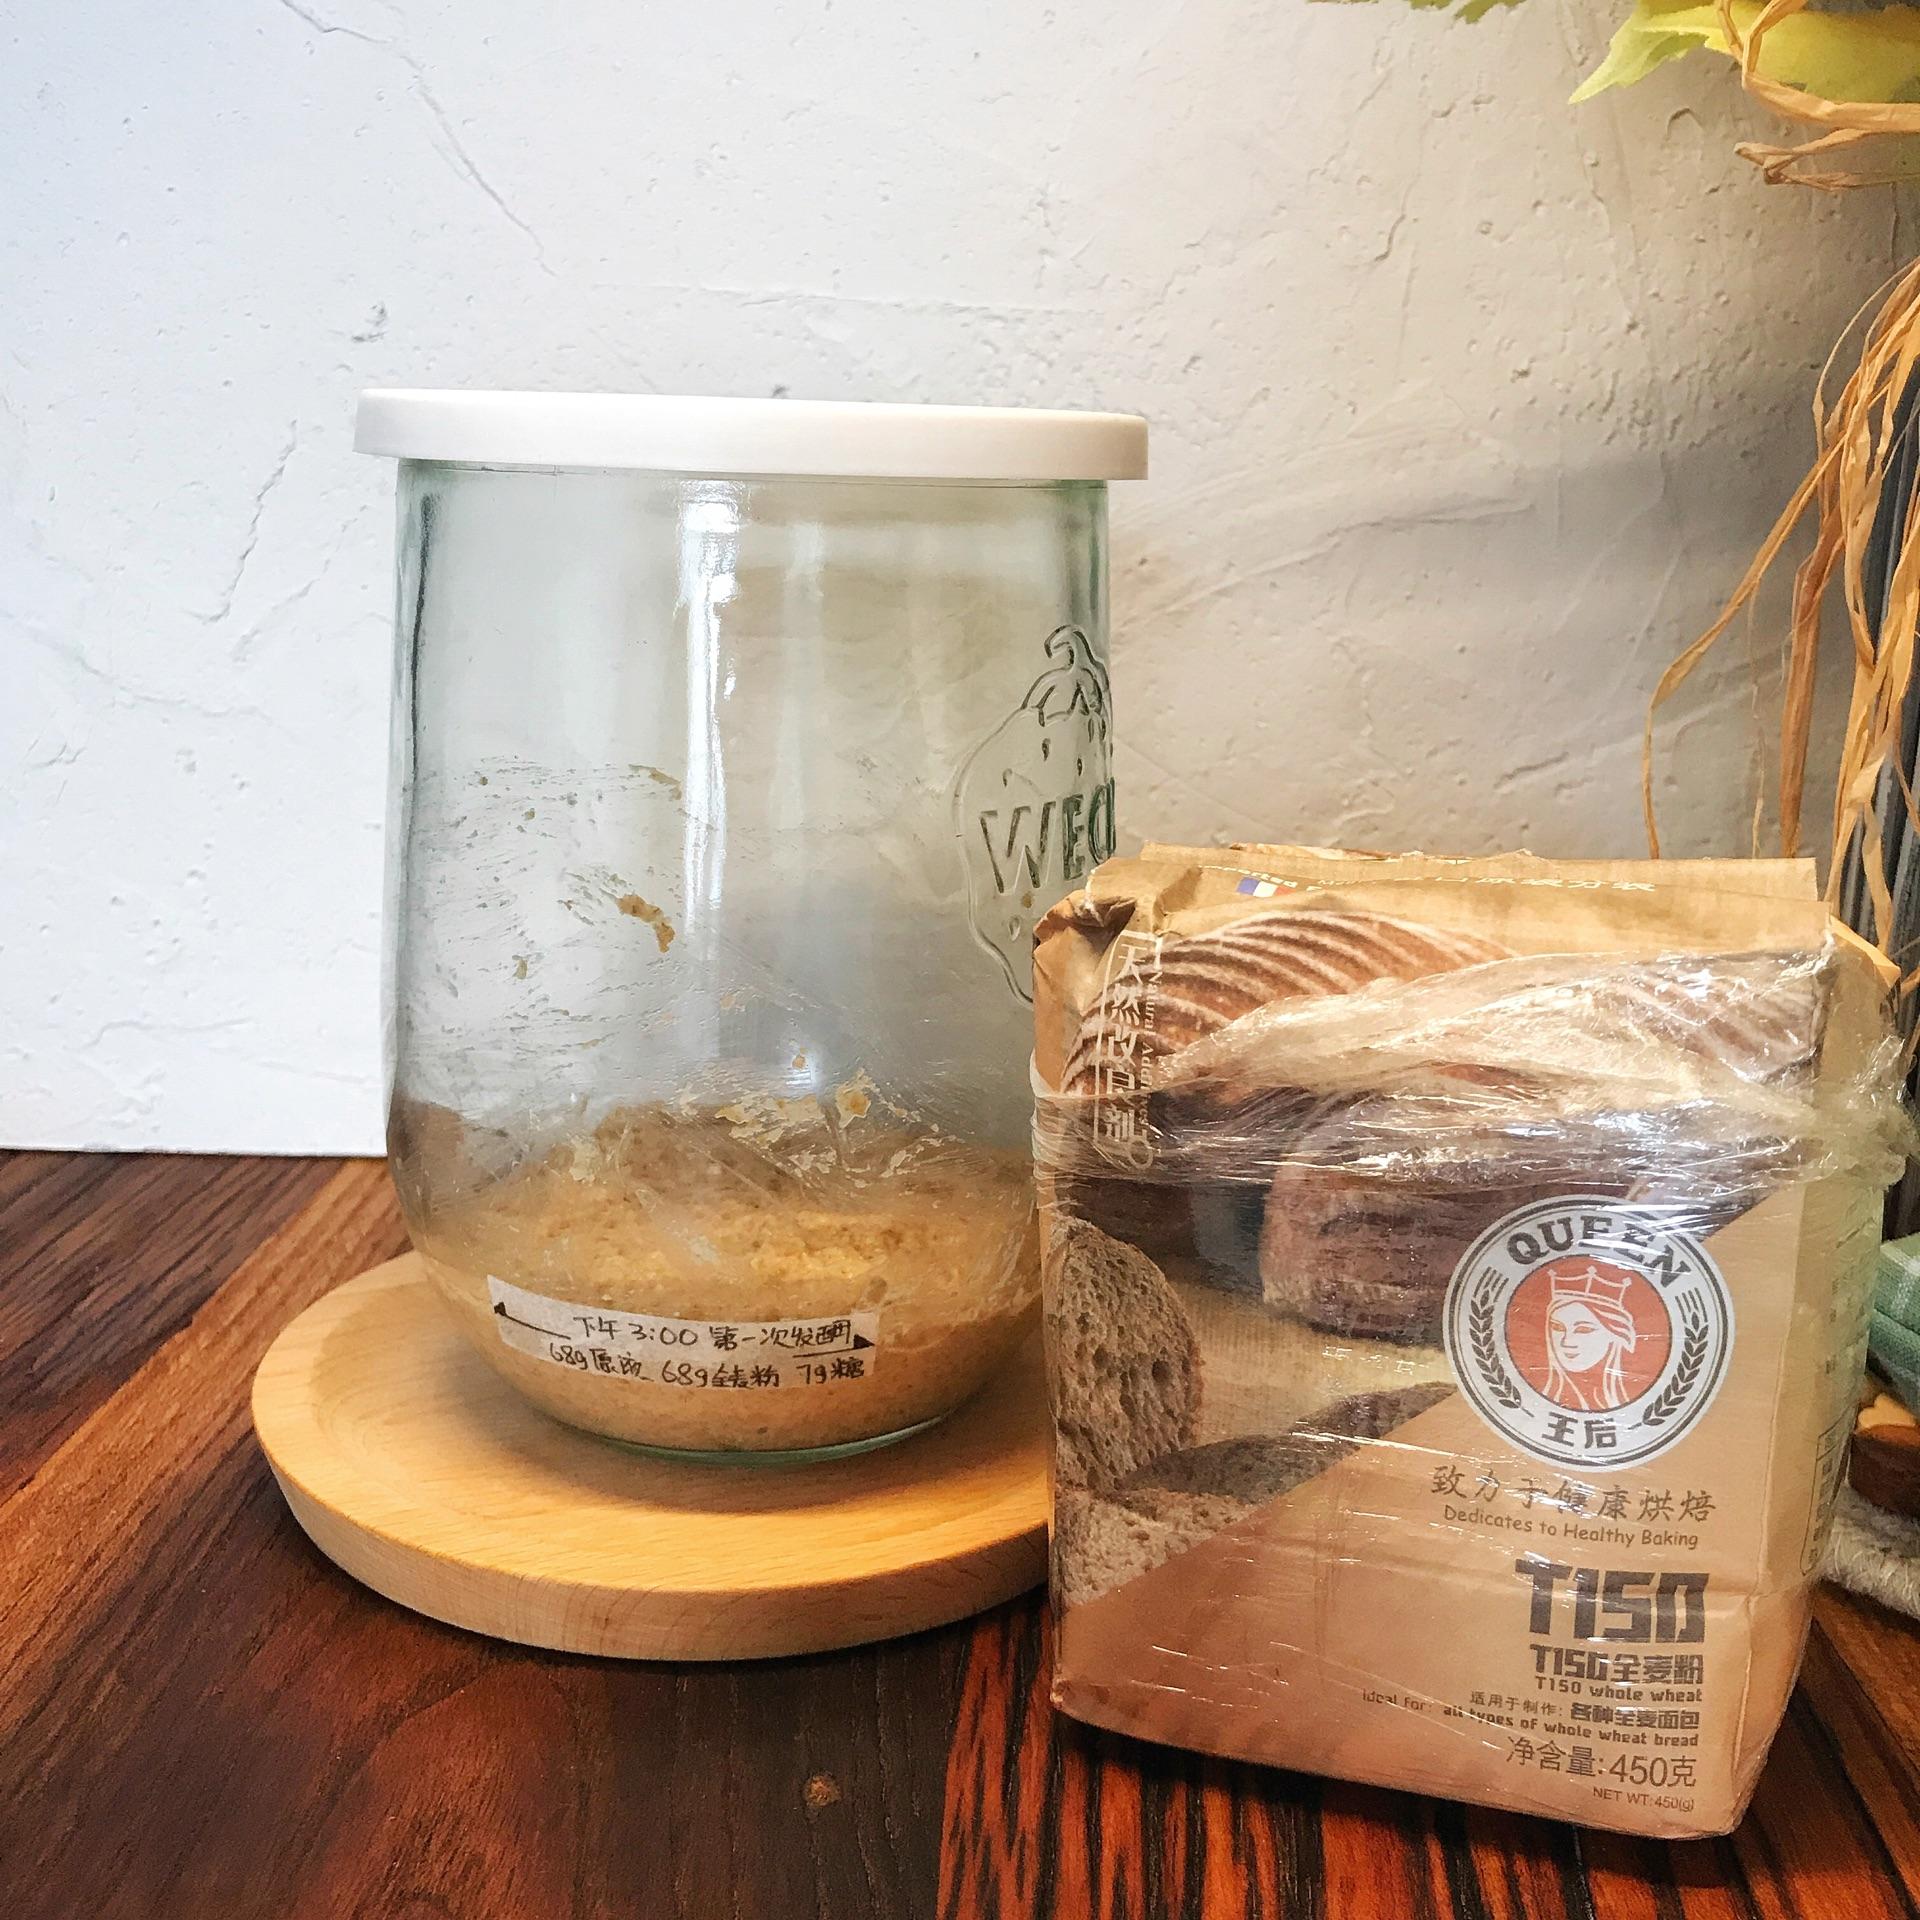 天然酵母種液怎么做_天然酵母種液的做法_Ms東雨_豆果美食